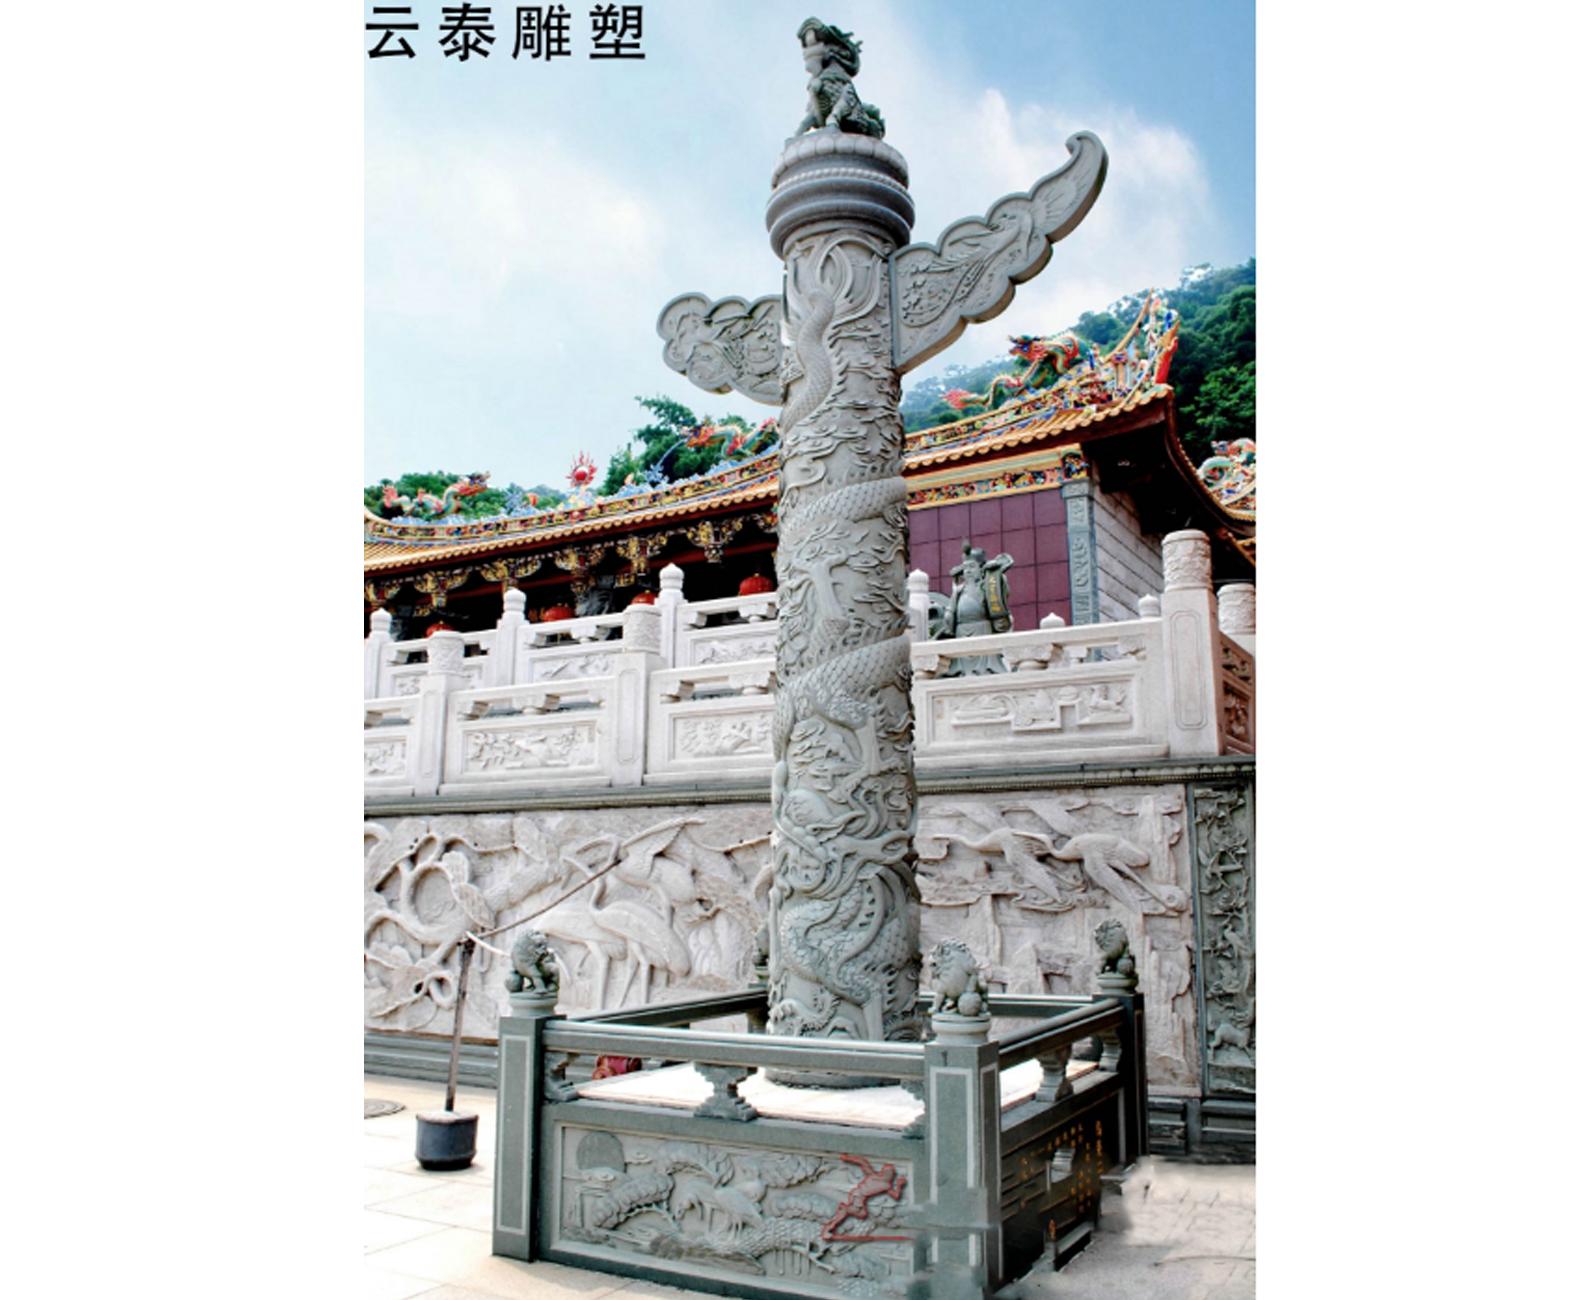 散文诗雕塑广场